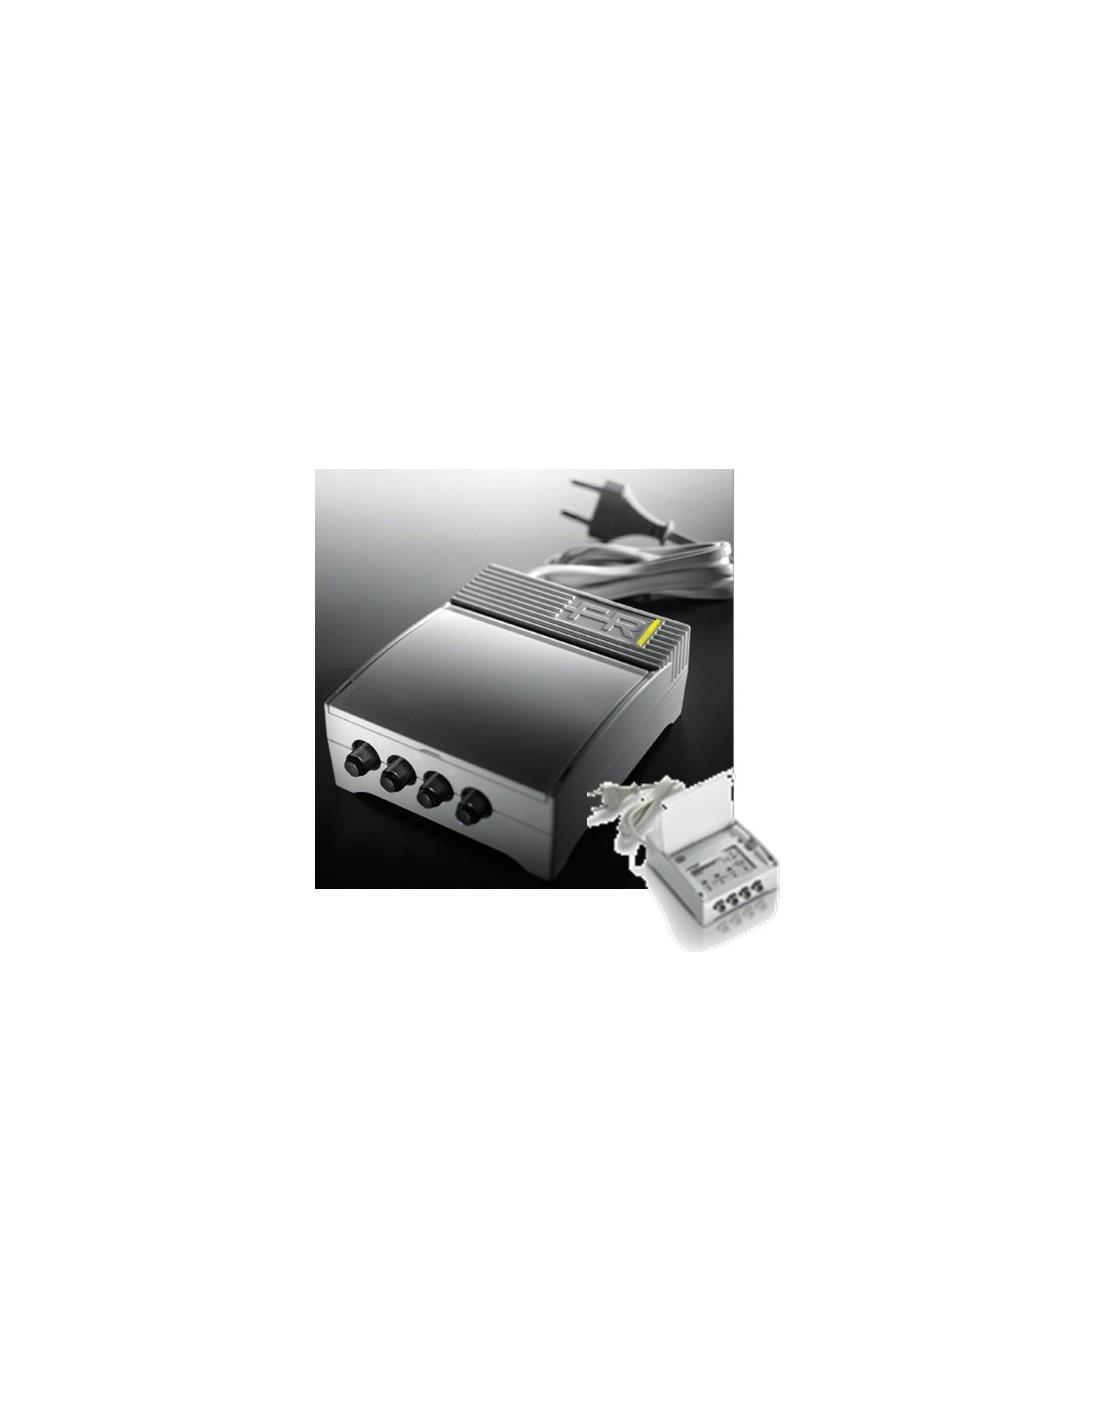 amplificateur d 39 antenne tv d 39 int rieur 1entr e 1 sortie. Black Bedroom Furniture Sets. Home Design Ideas